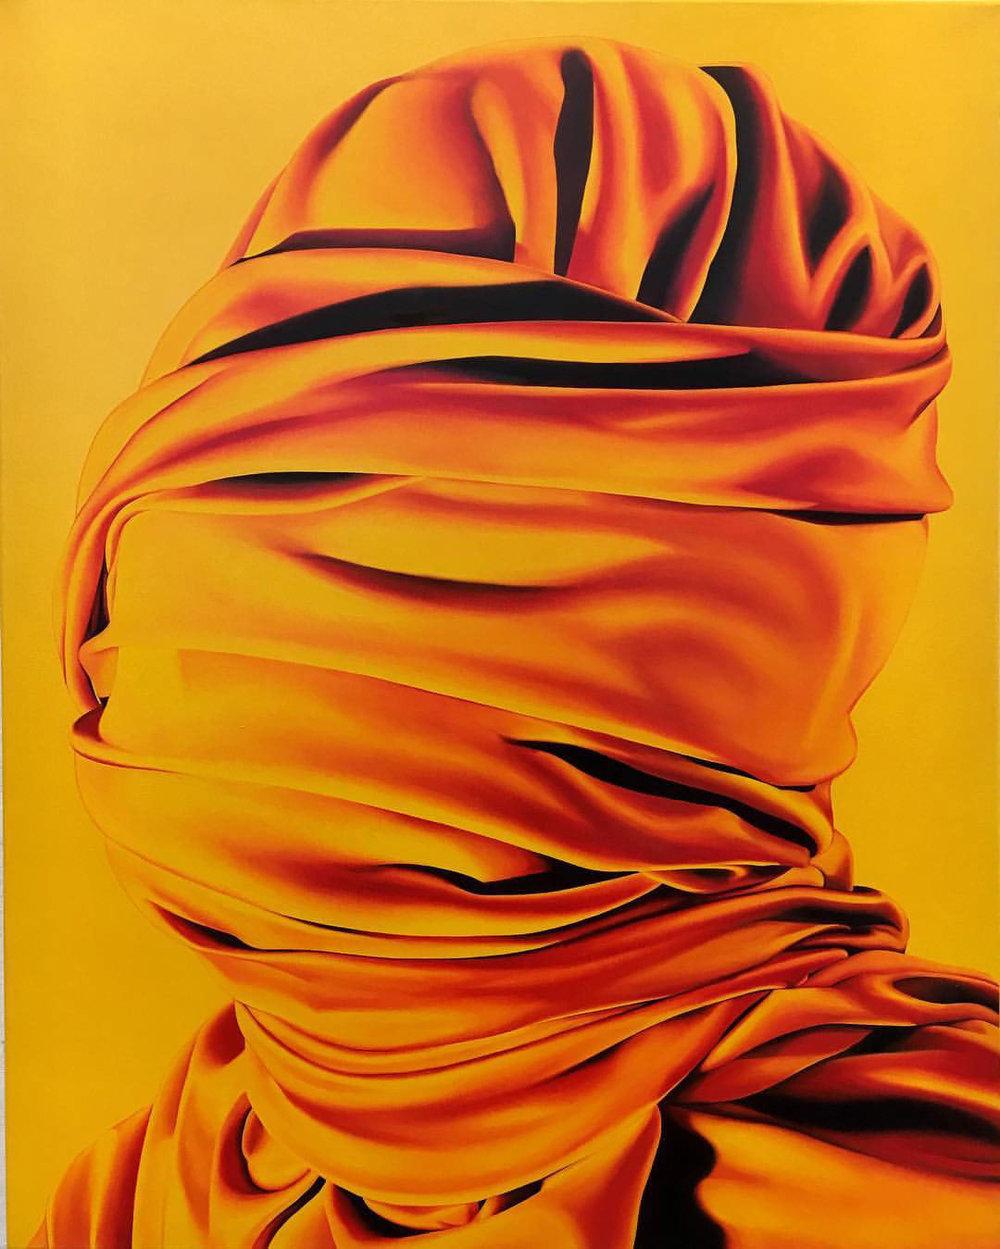 Alayna Coverly 超现实主义绘画艺术欣赏